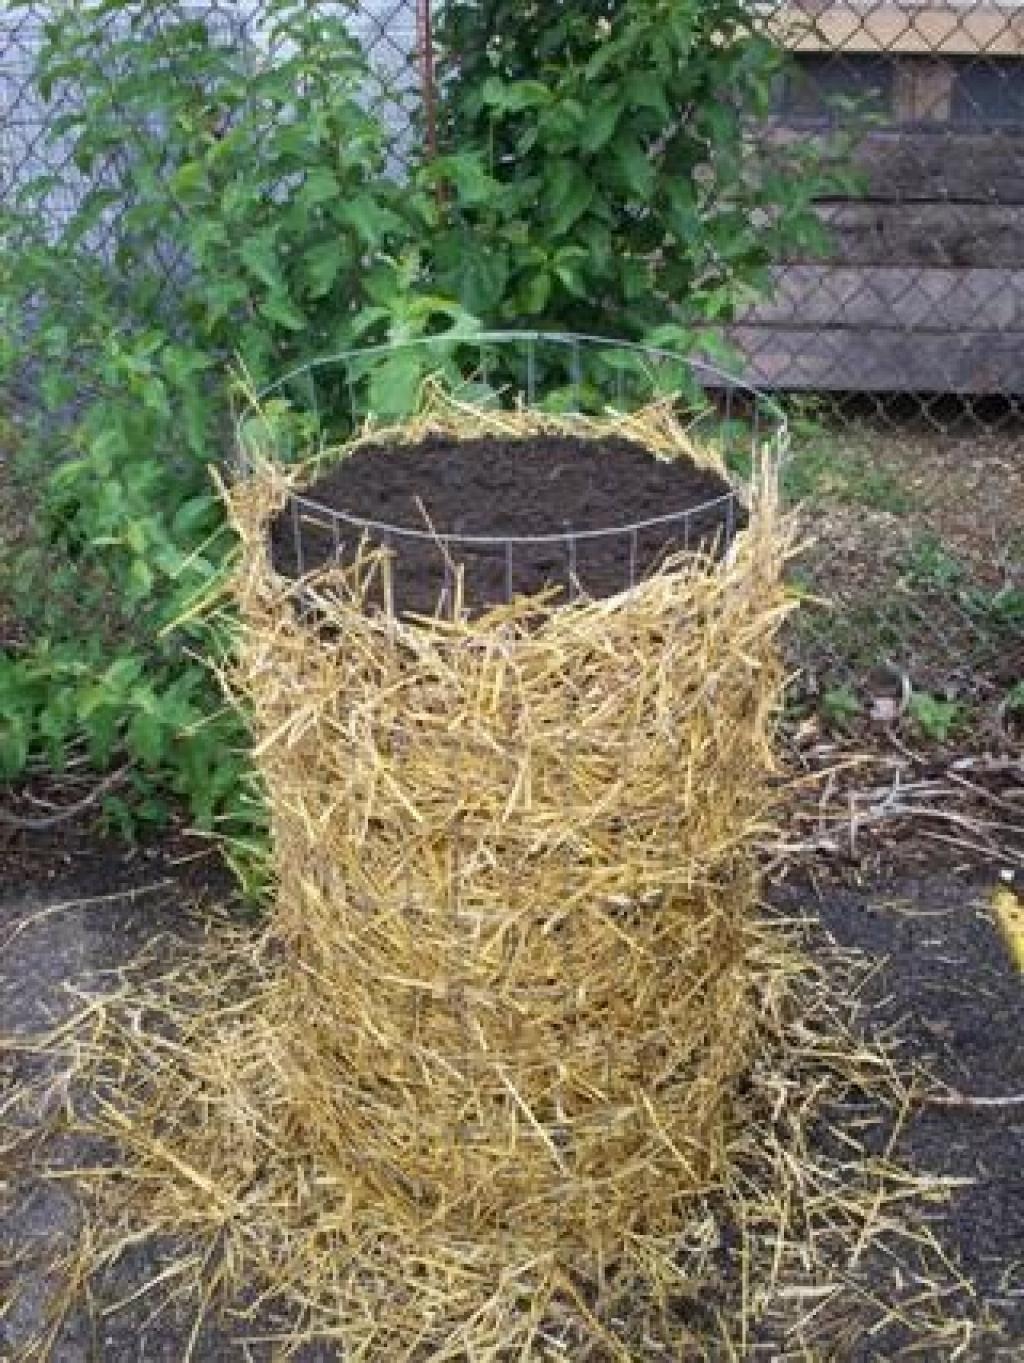 comment faire pousser des pommes de terre rapidement et facilement m me sans jardin jardins. Black Bedroom Furniture Sets. Home Design Ideas